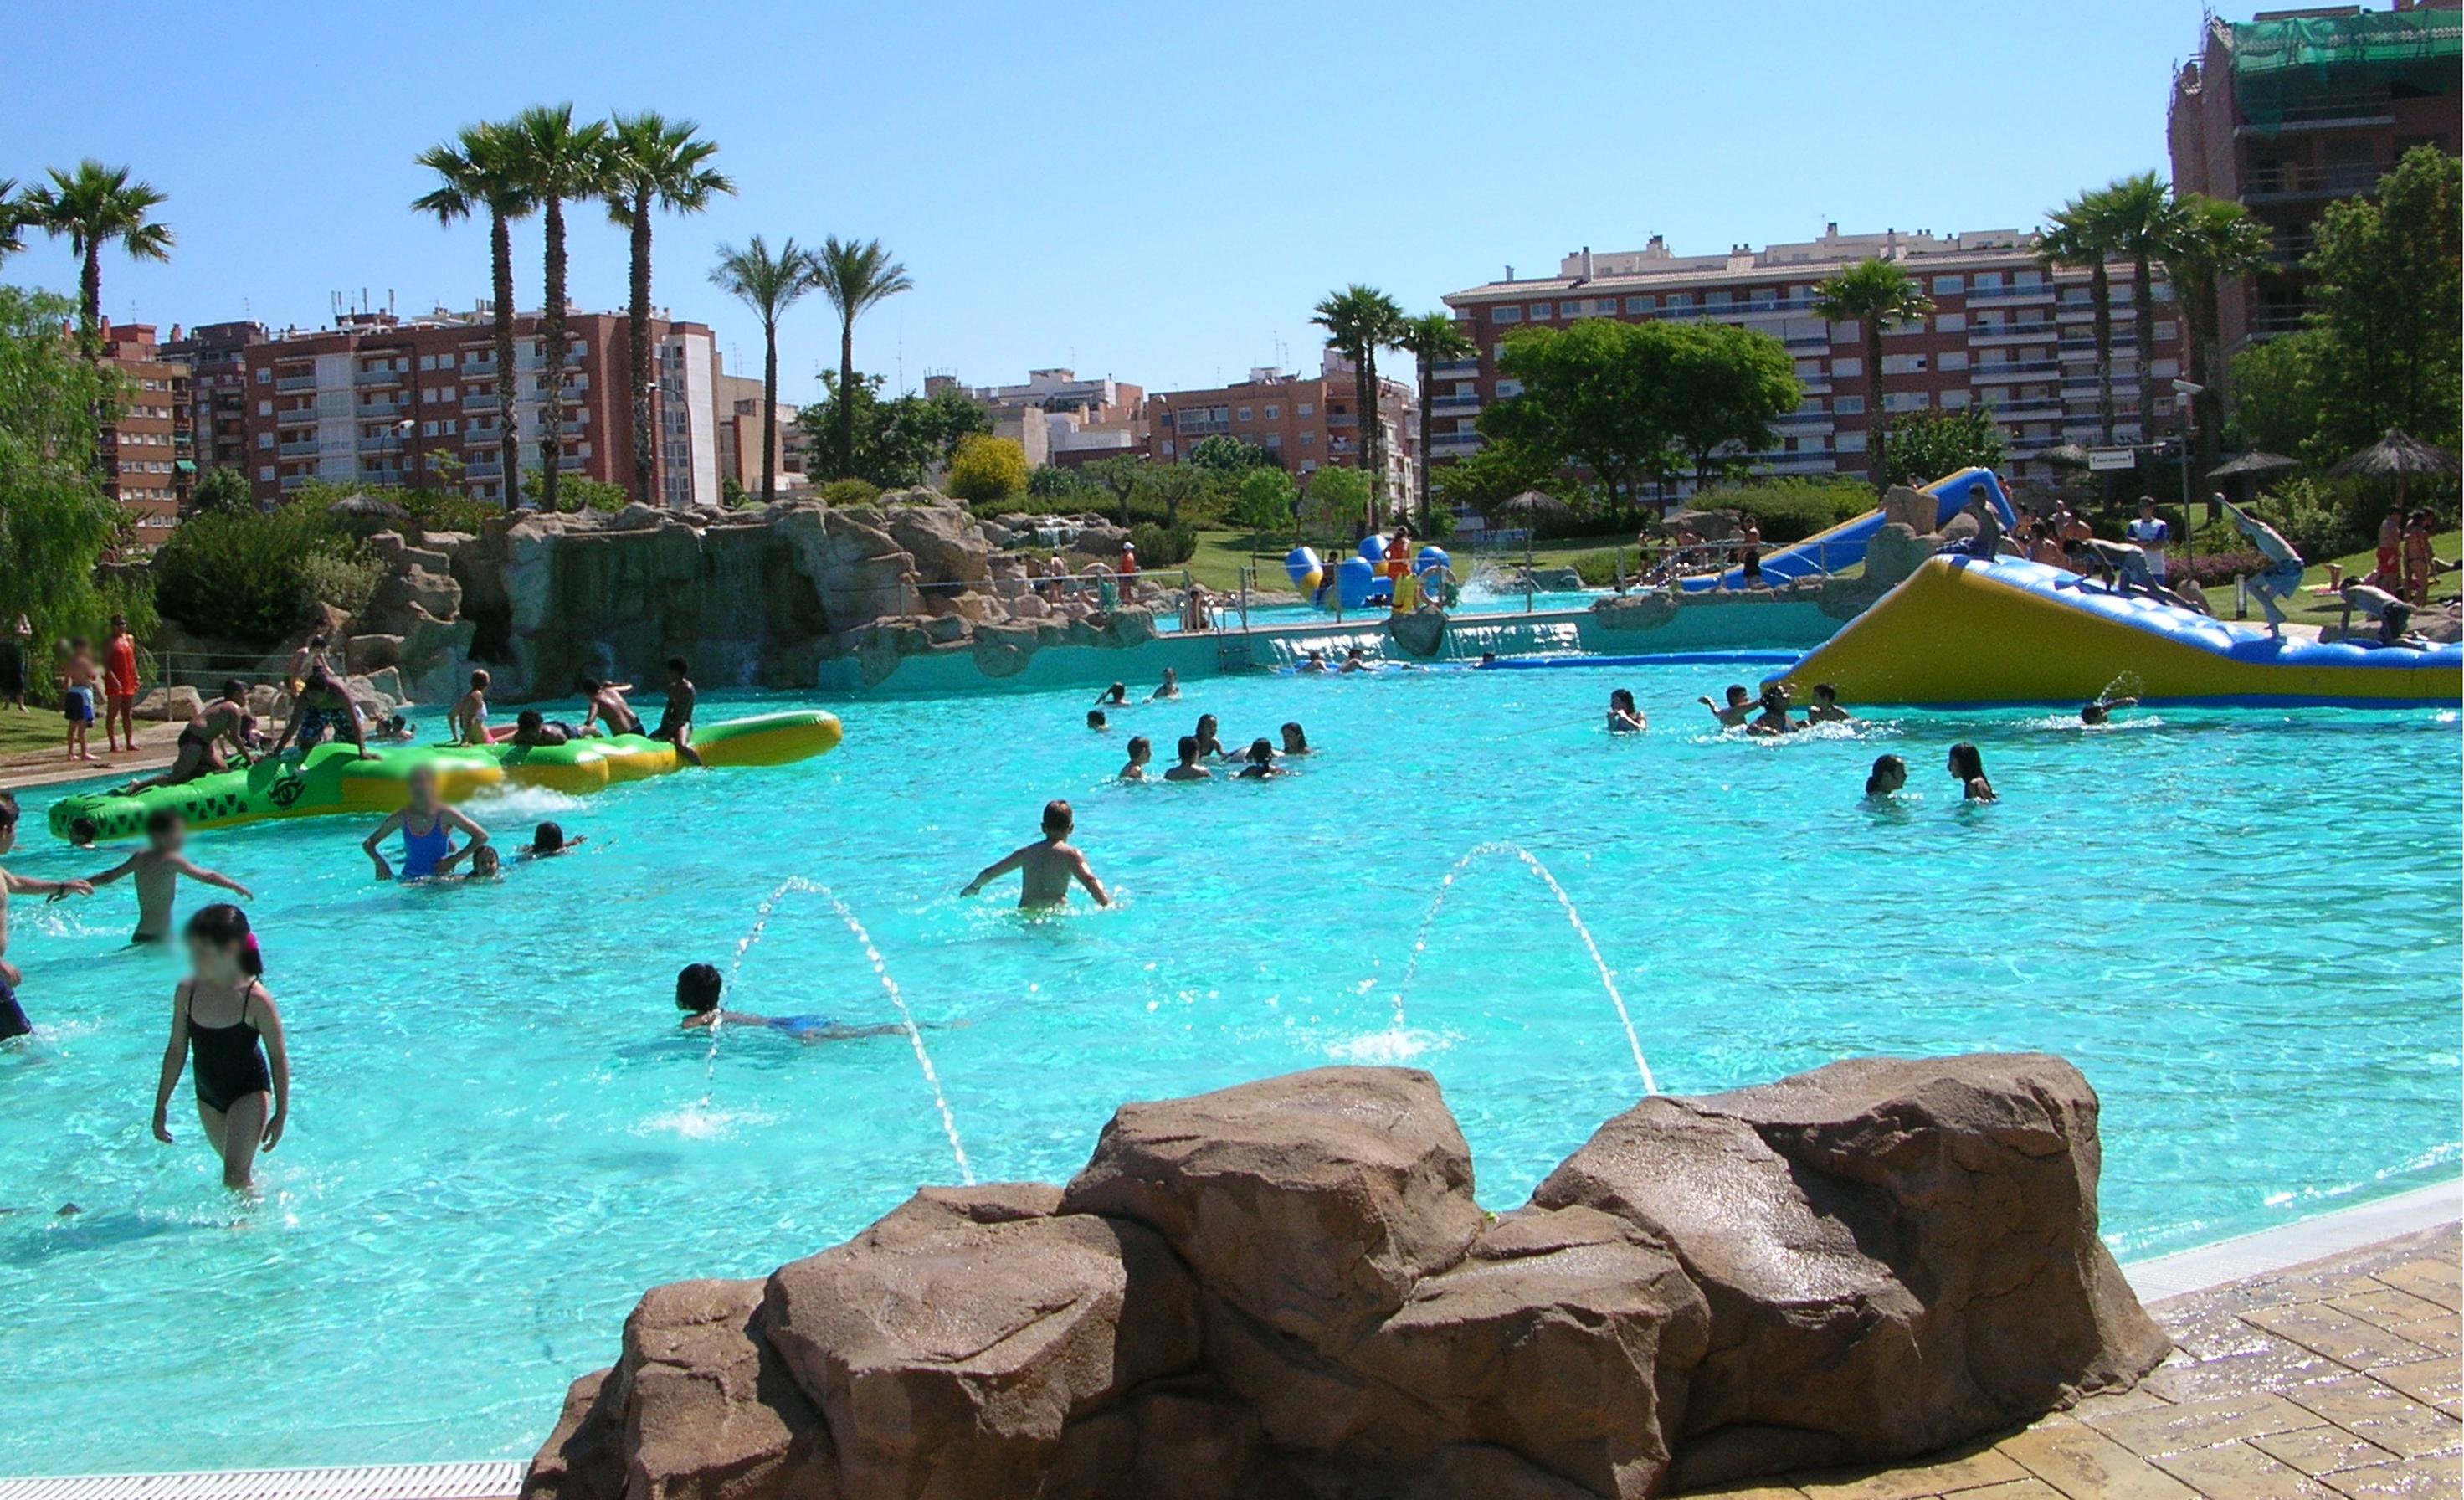 Les piscines municipals de reus obren la temporada de bany for Piscines municipals girona